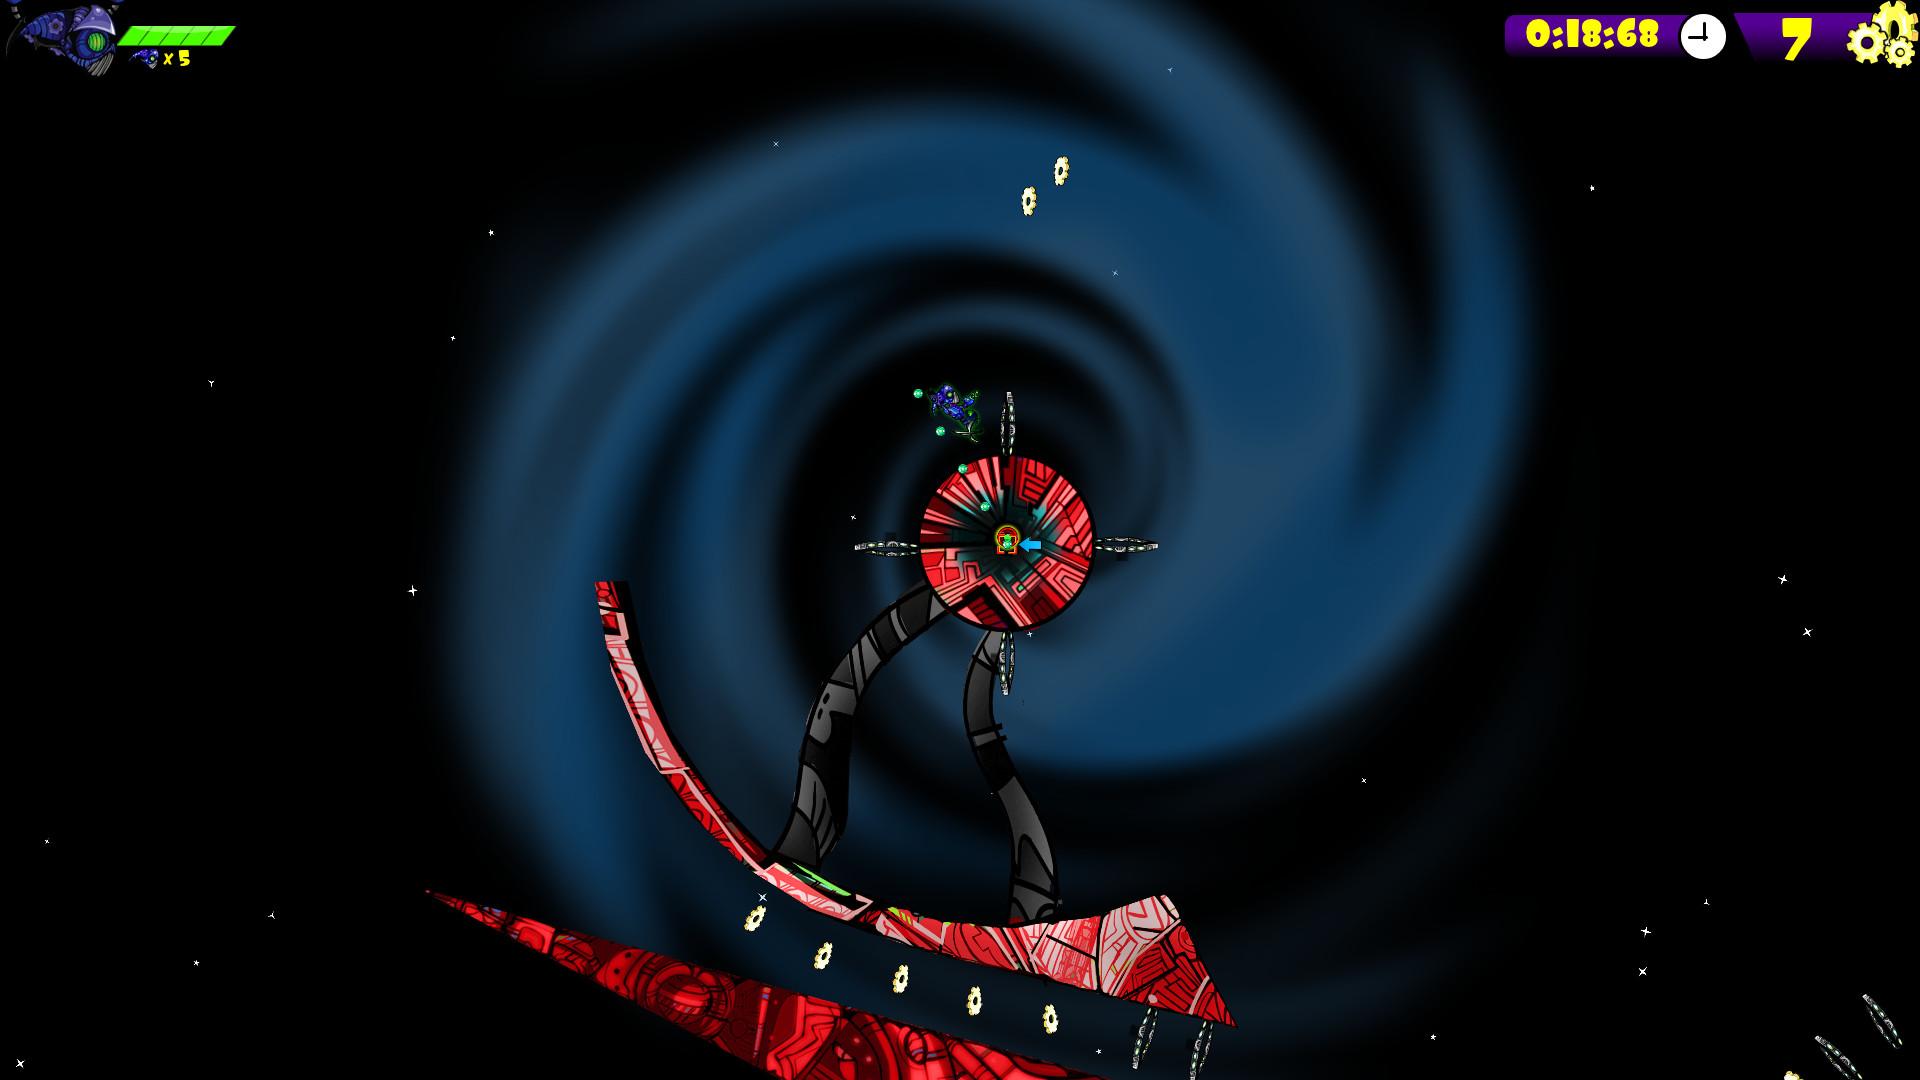 zorbits orbits